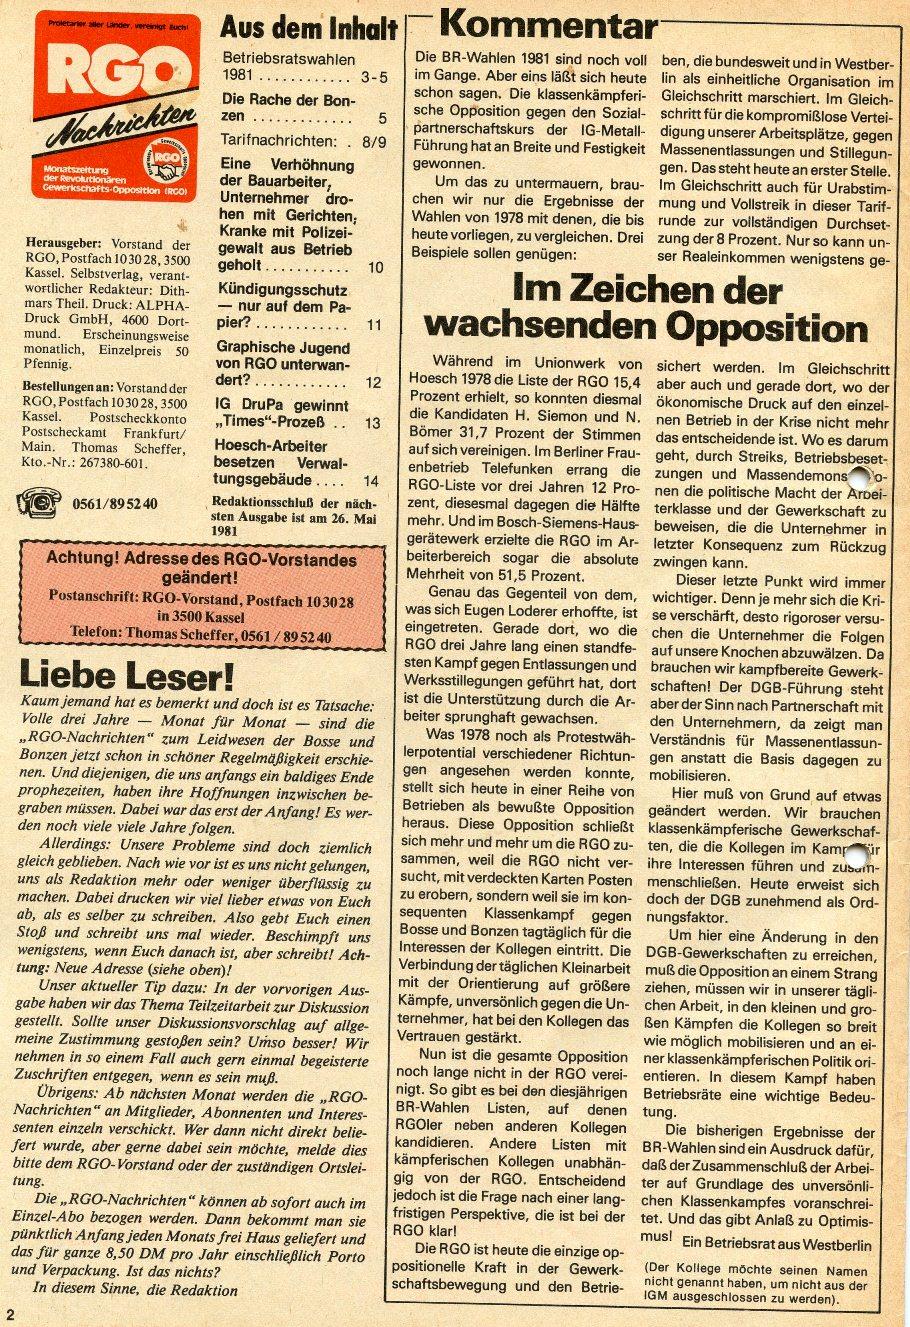 RGO_RGO_Nachrichten_1981_05_02